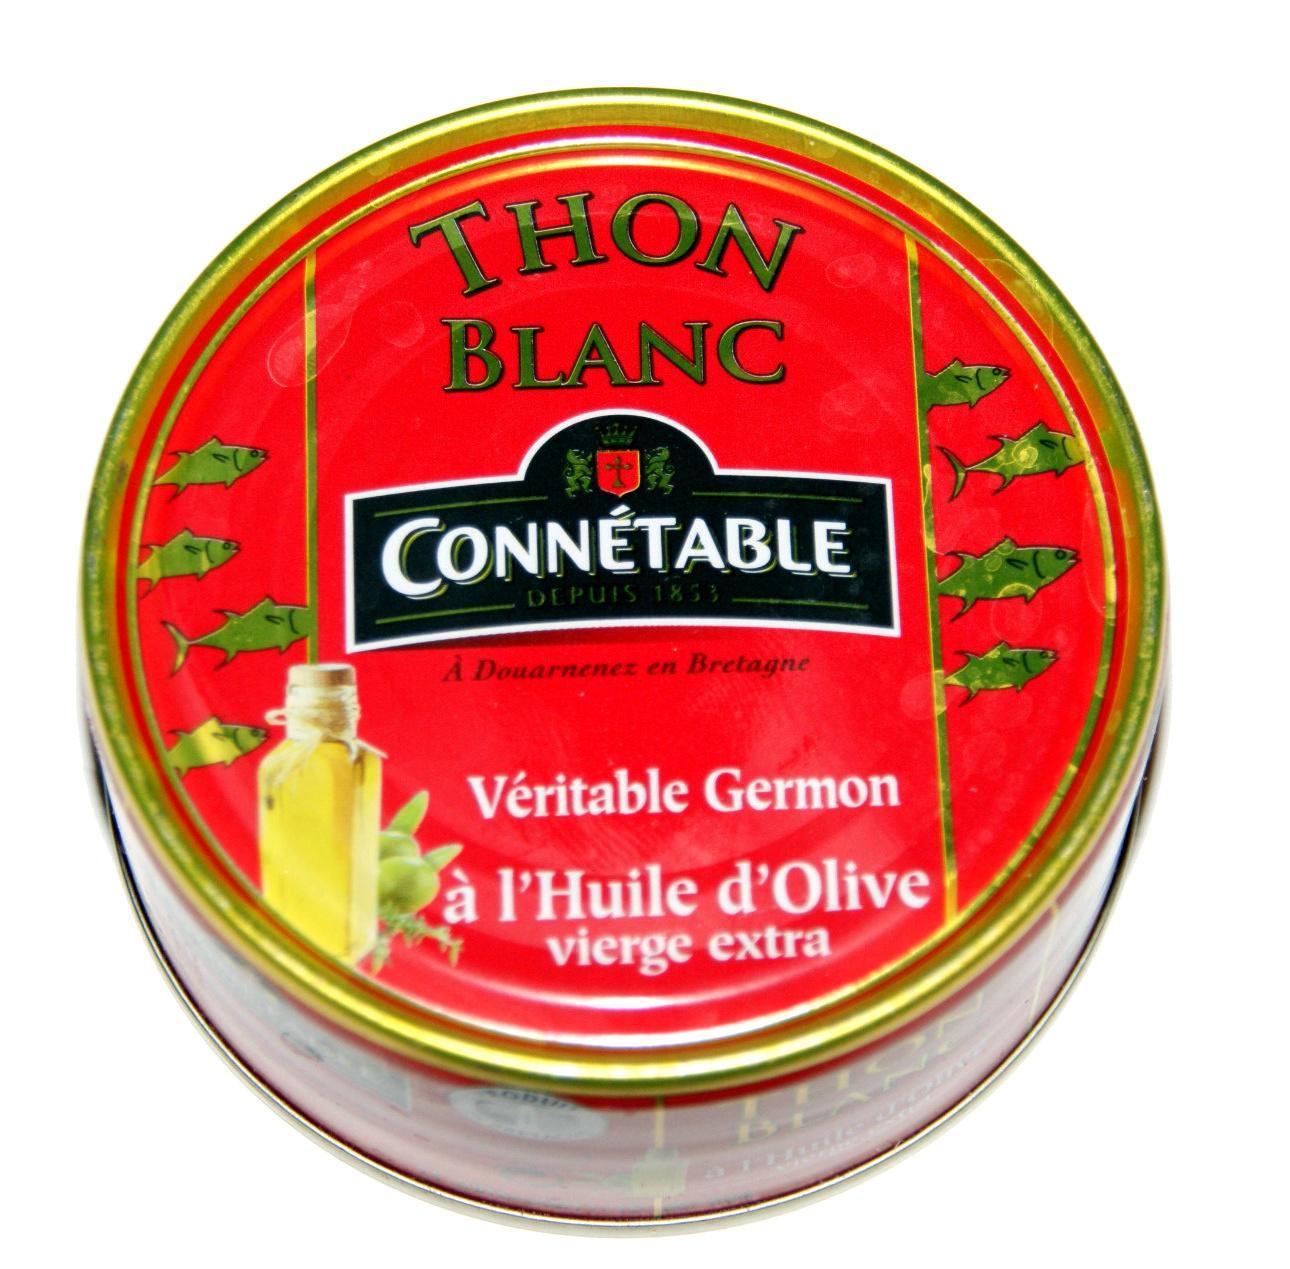 Thon Blanc (Véritable Germon) à l'Huile d'Olive vierge extra - Produit